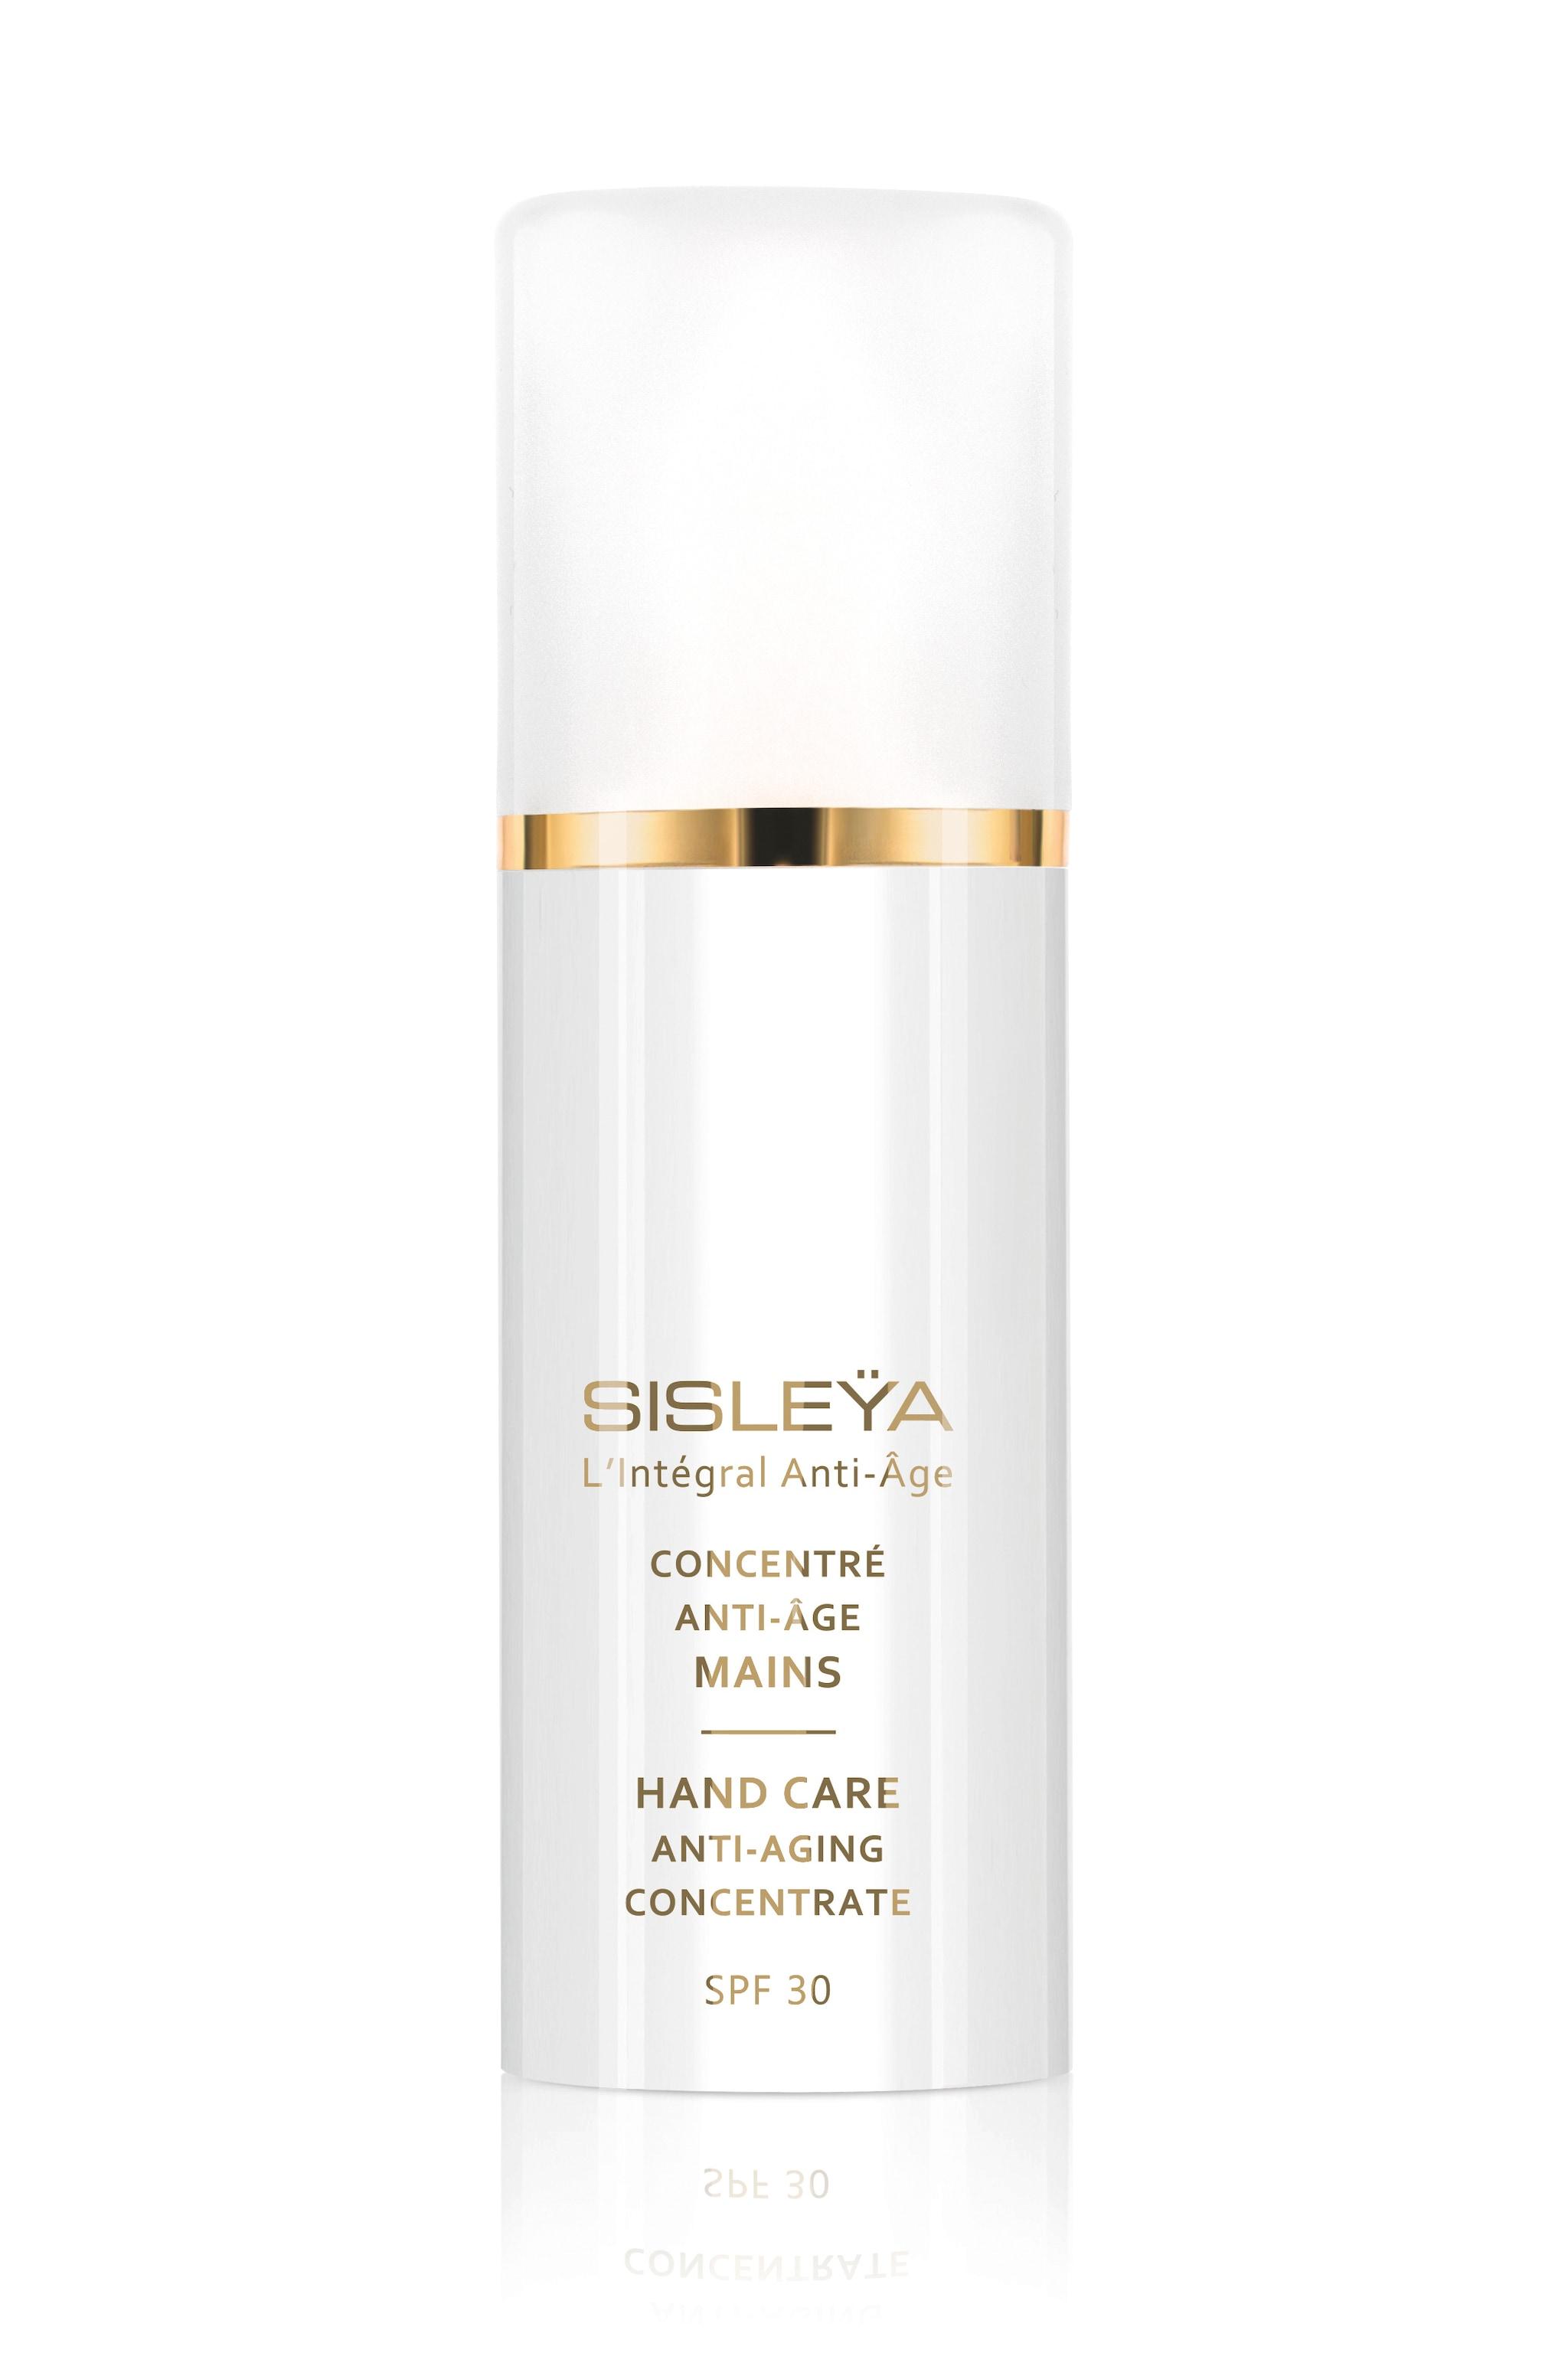 Crema mani Anti-Aging Concentrate Sisleÿa, per trattare l'invecchiamento cutaneo, con SPF 30, SISLEY PARIS (119 €, 75 ml).